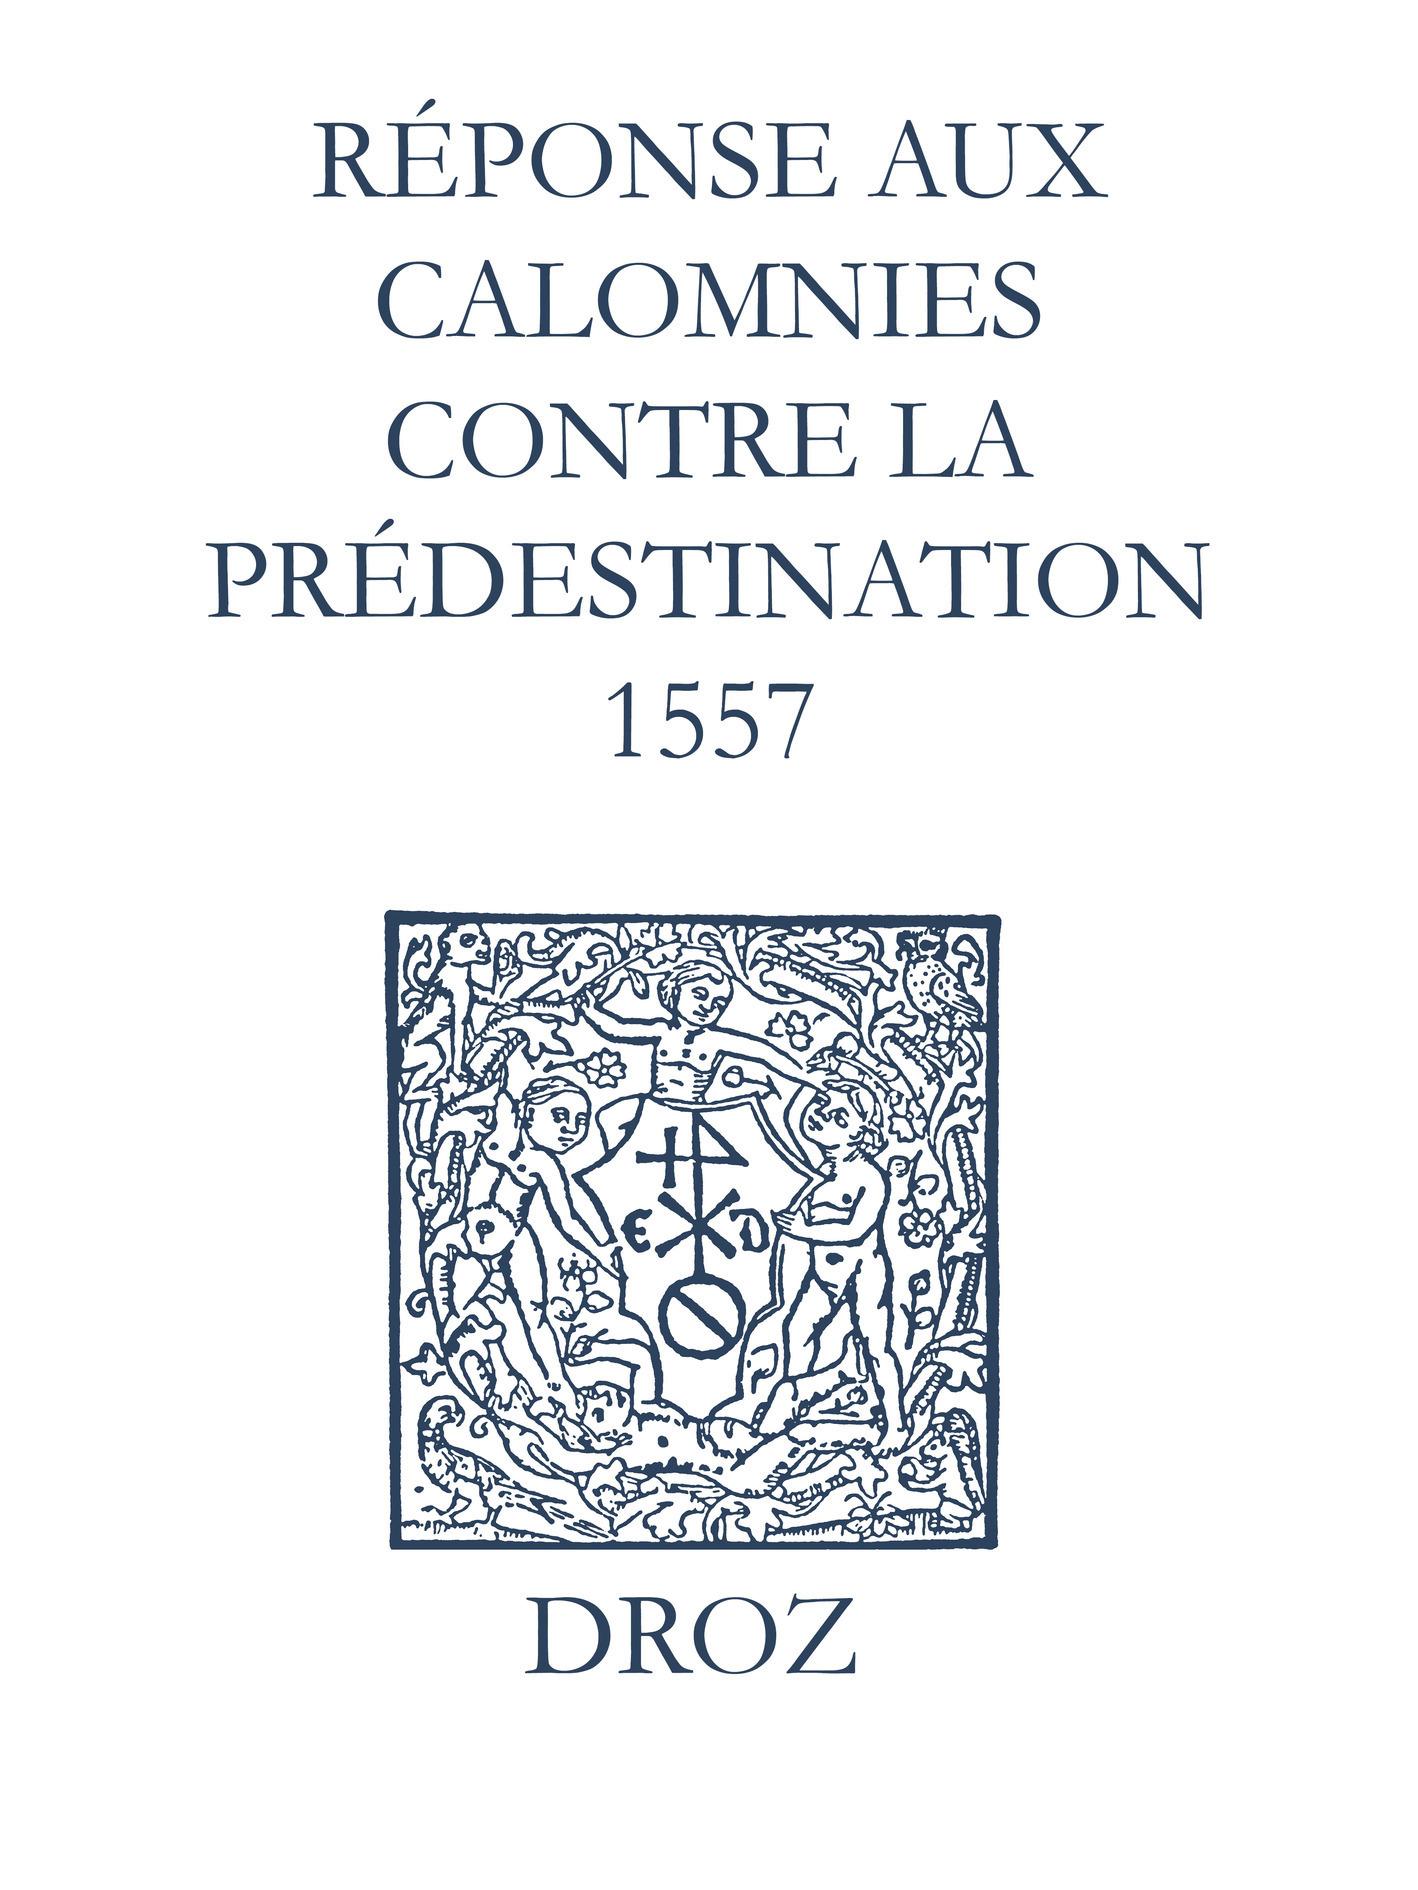 Recueil des opuscules 1566. Réponse aux calomnies contre la prédestination. (1557)  - Laurence Vial-Bergon